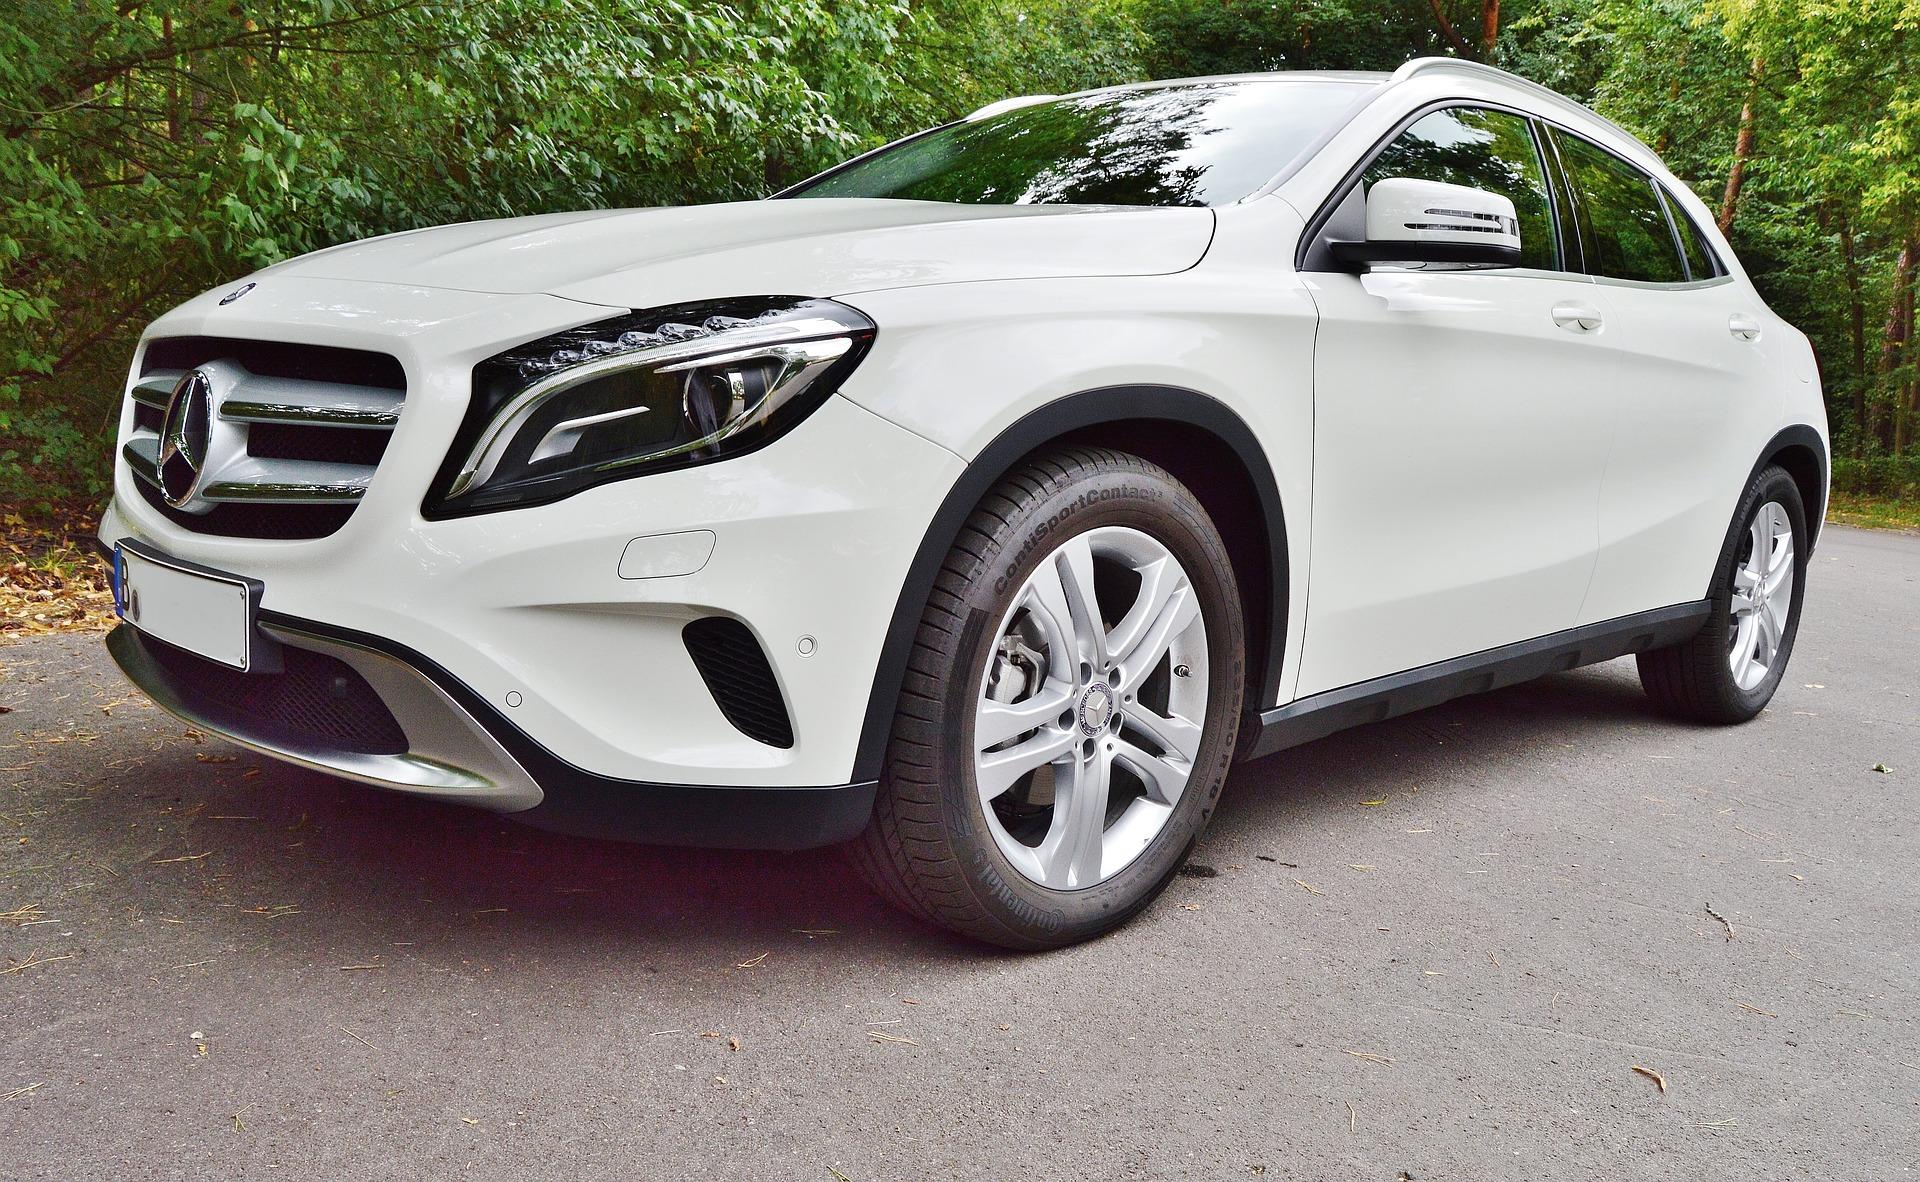 Automóvil comprado con un préstamo coche